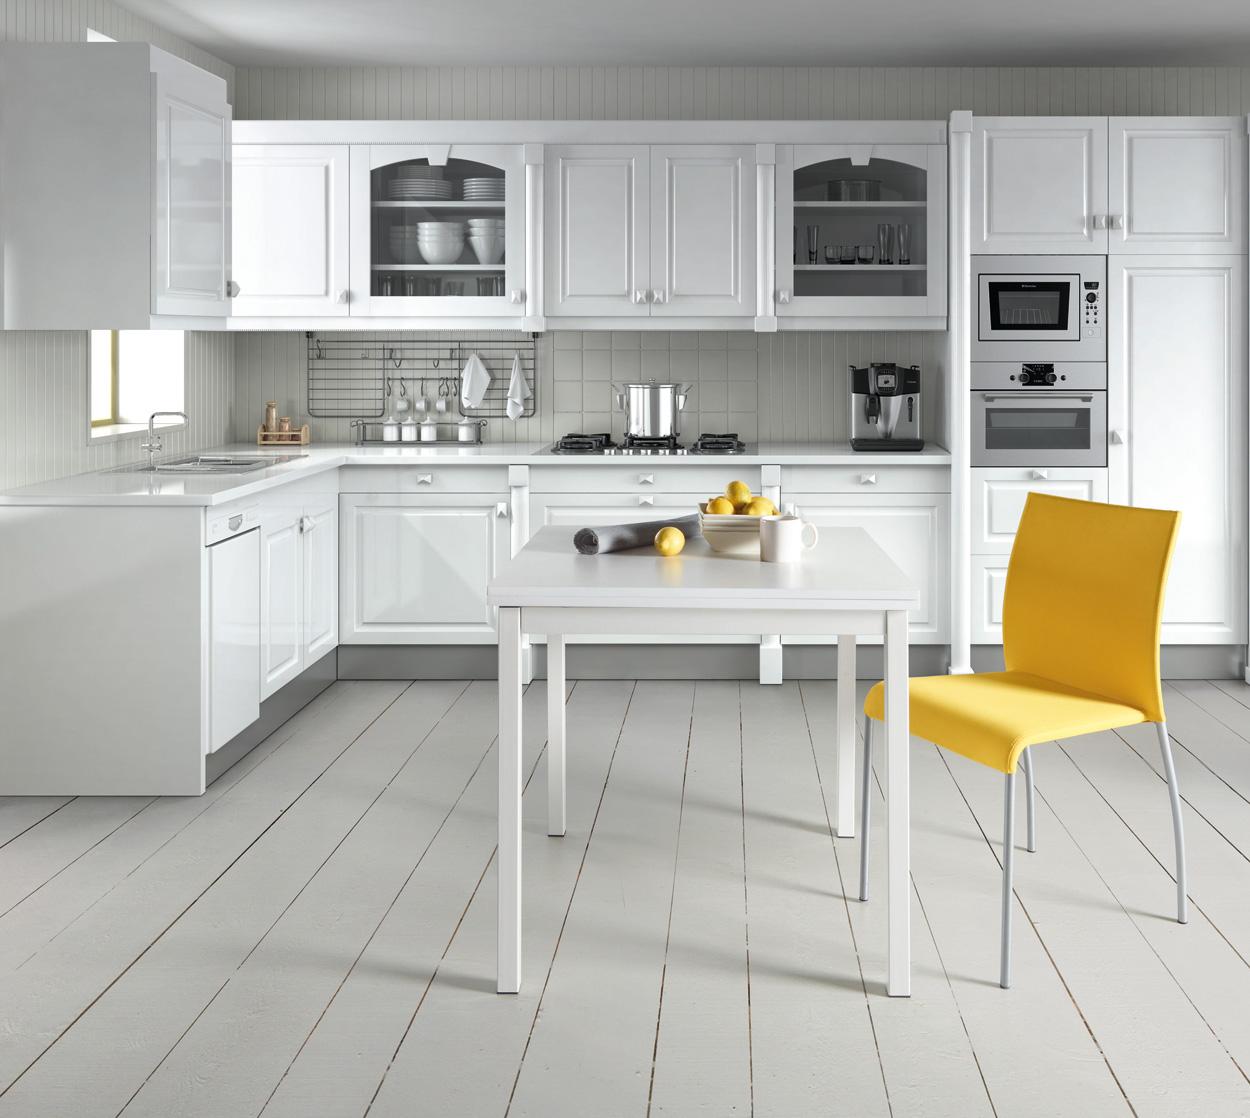 Mesa de cocina extensible cuadrada cocina y office mesas - Mesas de cocina extensibles merkamueble ...